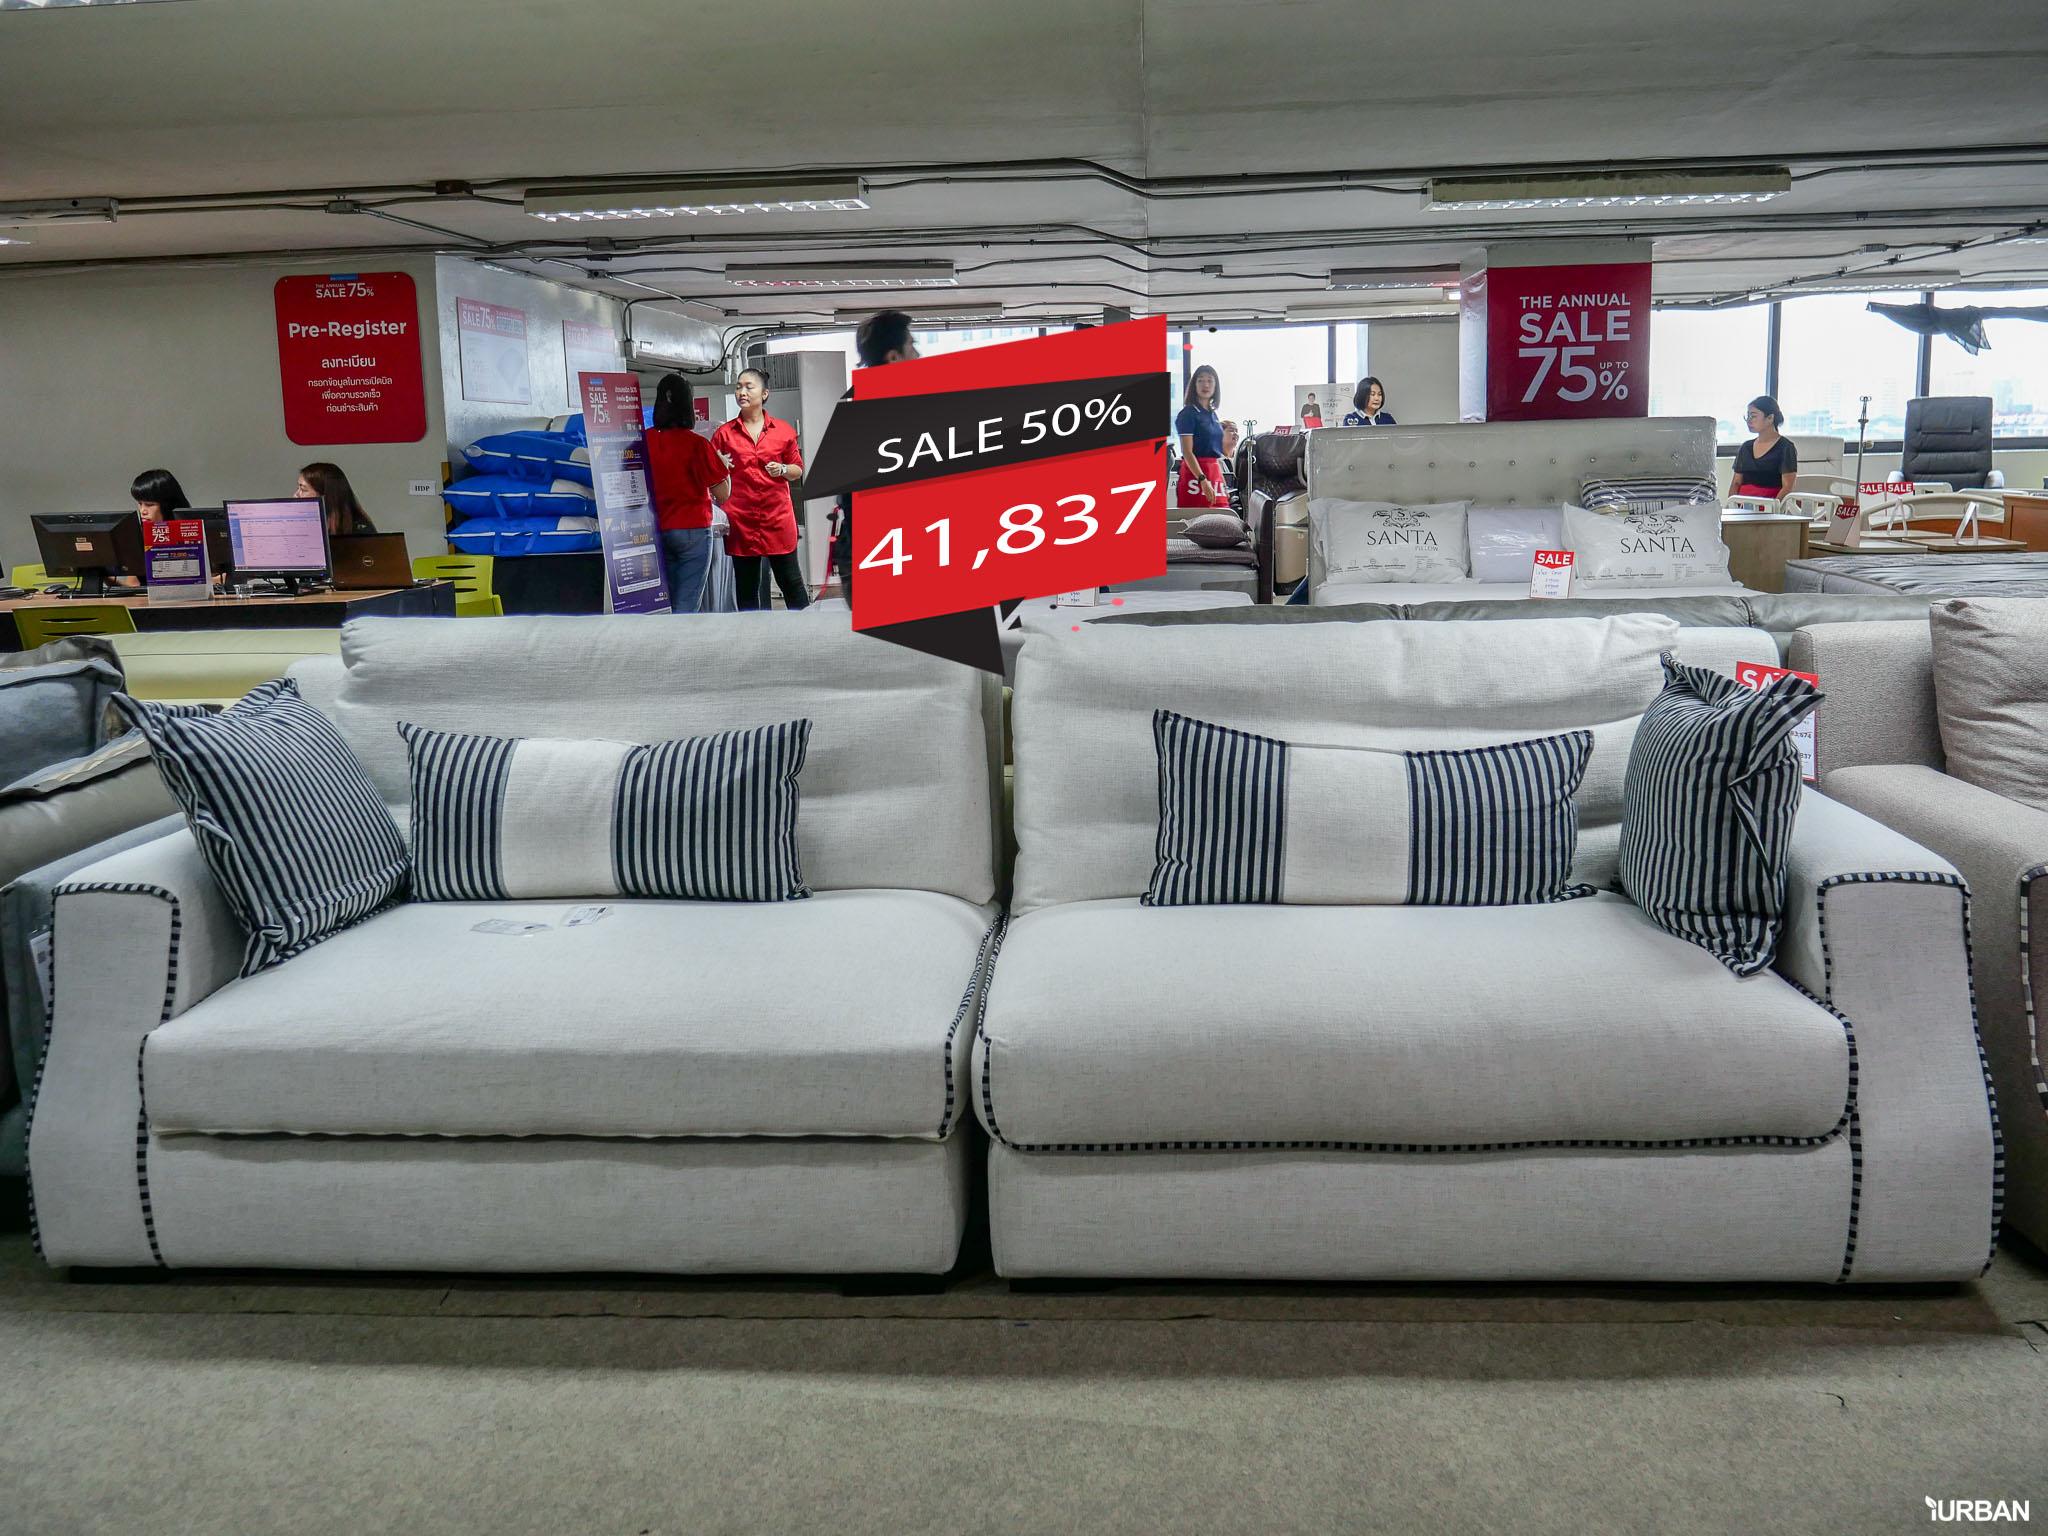 พาชม MODERNFORM ลดถึง 75% งาน The Annual Sale 2019 ปีนี้มีอะไรบ้าง? 30 - decorate